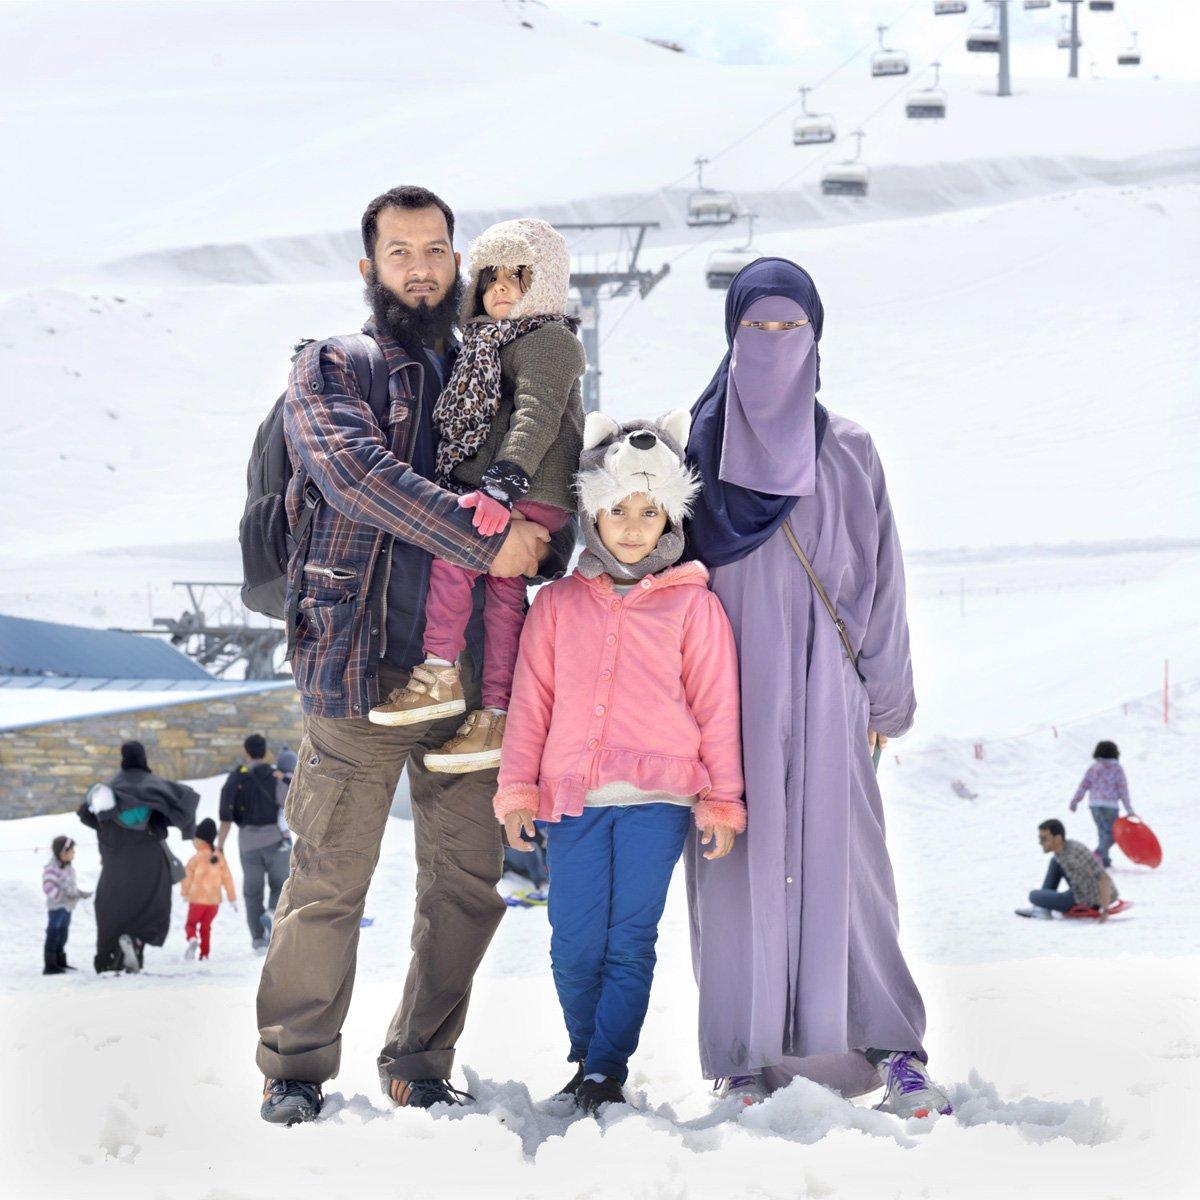 Turistas do Oriente Médio invadem cidade idílica alpina para escapar do calor do verão escaldante 01